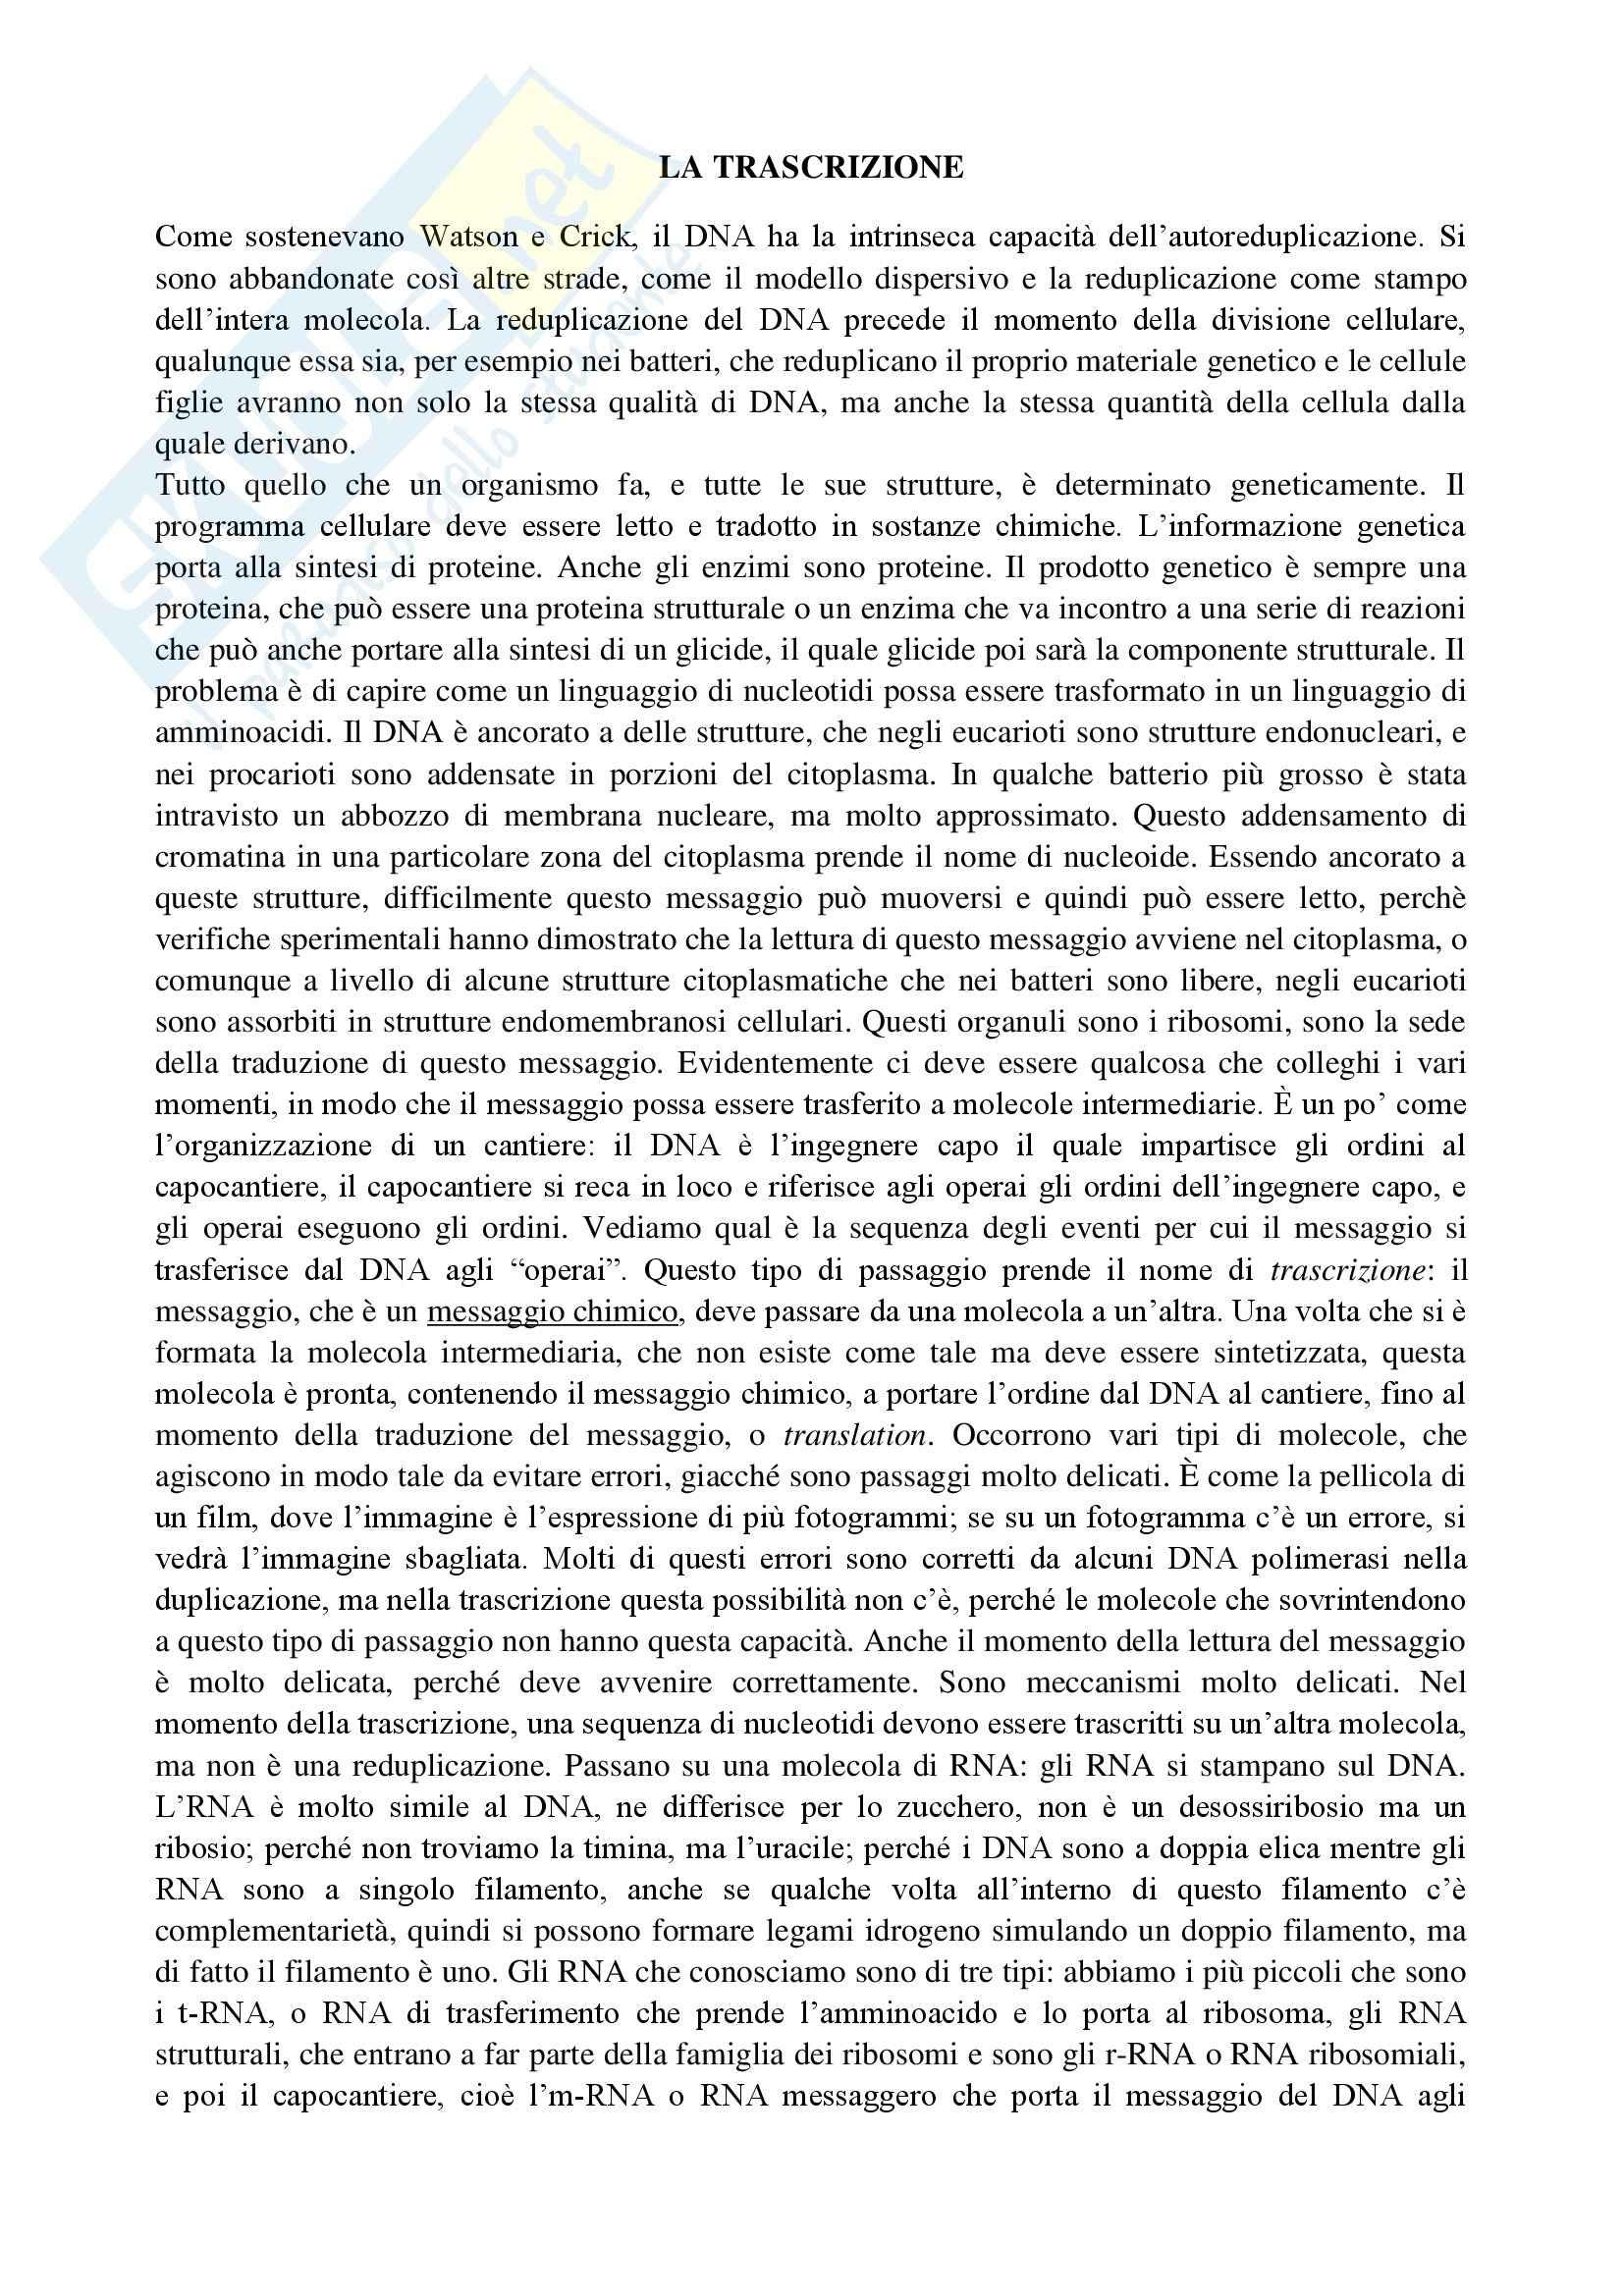 Biologia e genetica - trascrizione nei procarioti